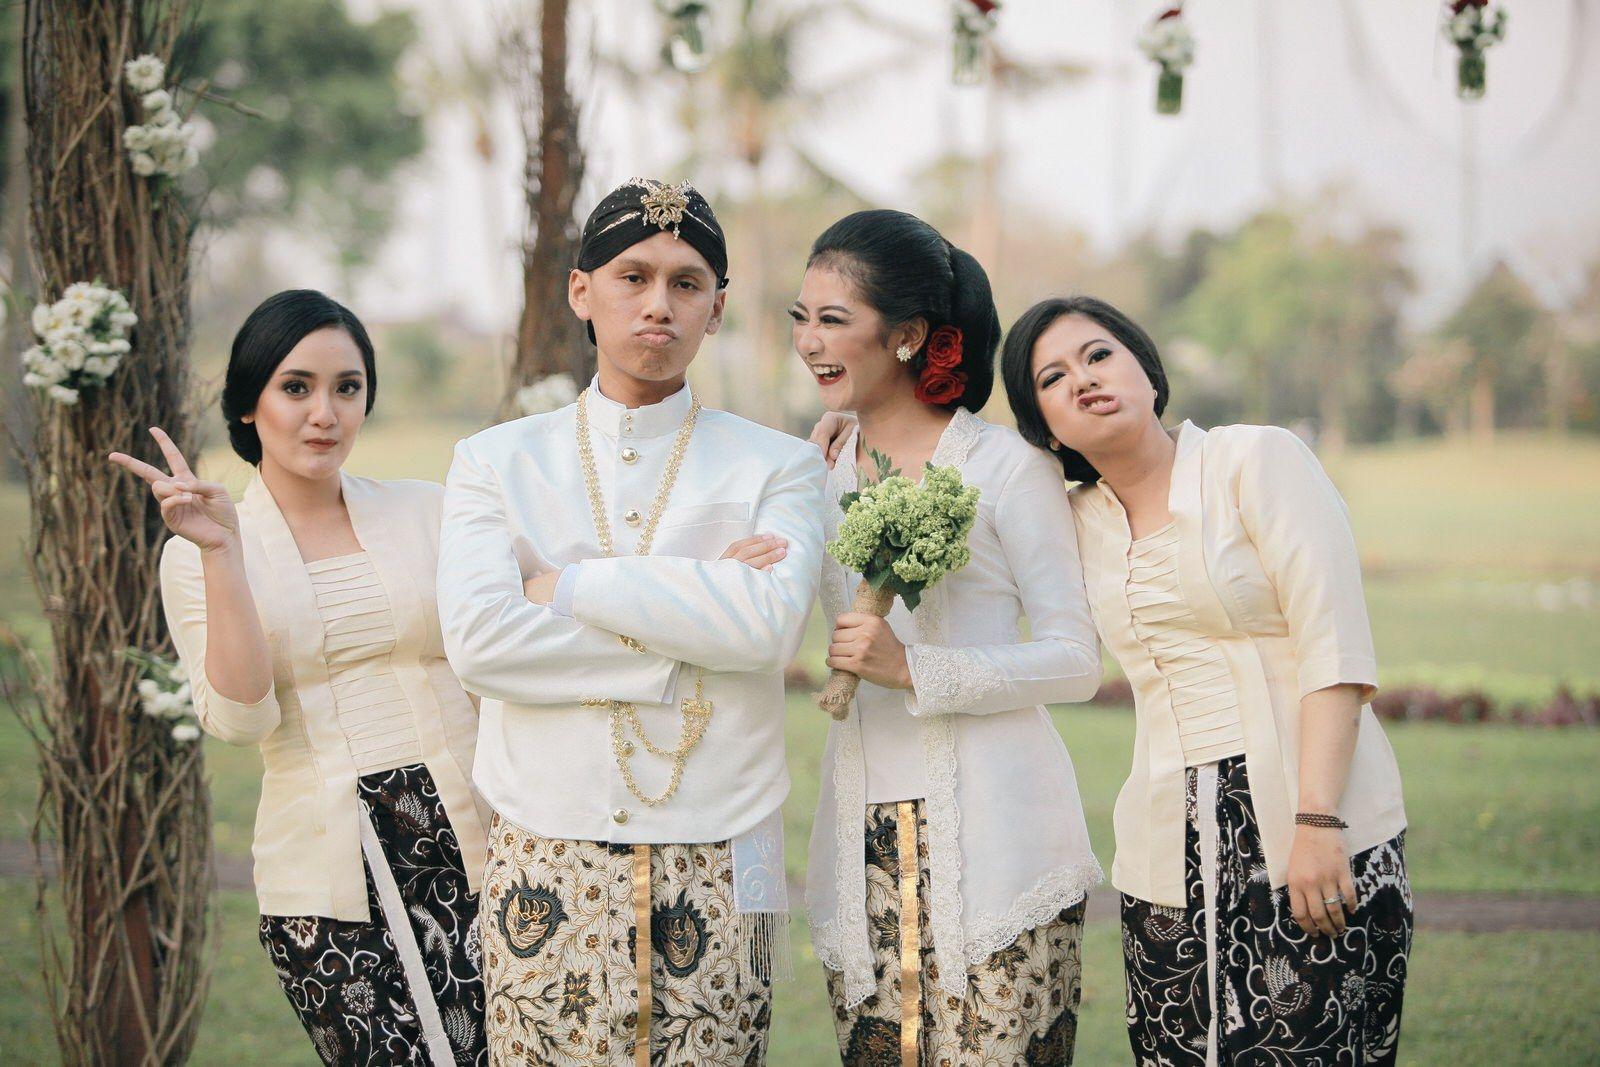 Pernikahan Adat Jawa Selly Dan Adit Di Yogyakarta: Pernikahan Adat Jawa Cici Dan Dhany Di Yogyakarta